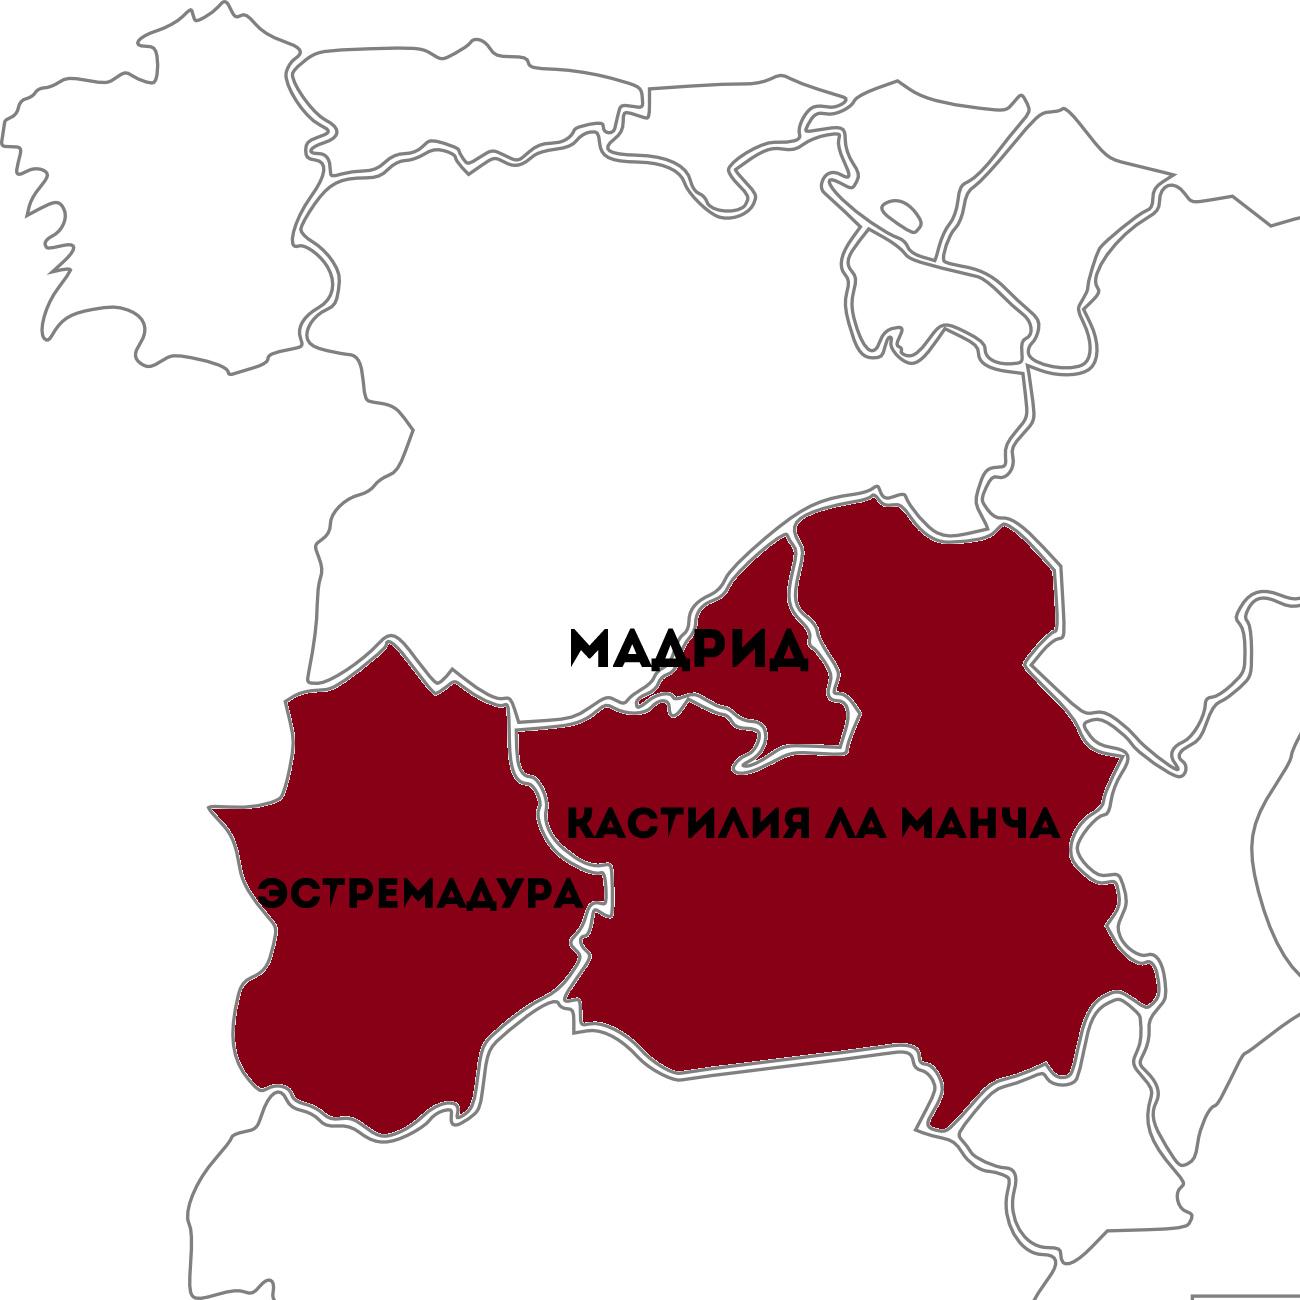 Мадрид, Эстремадура и Новая Кастилия